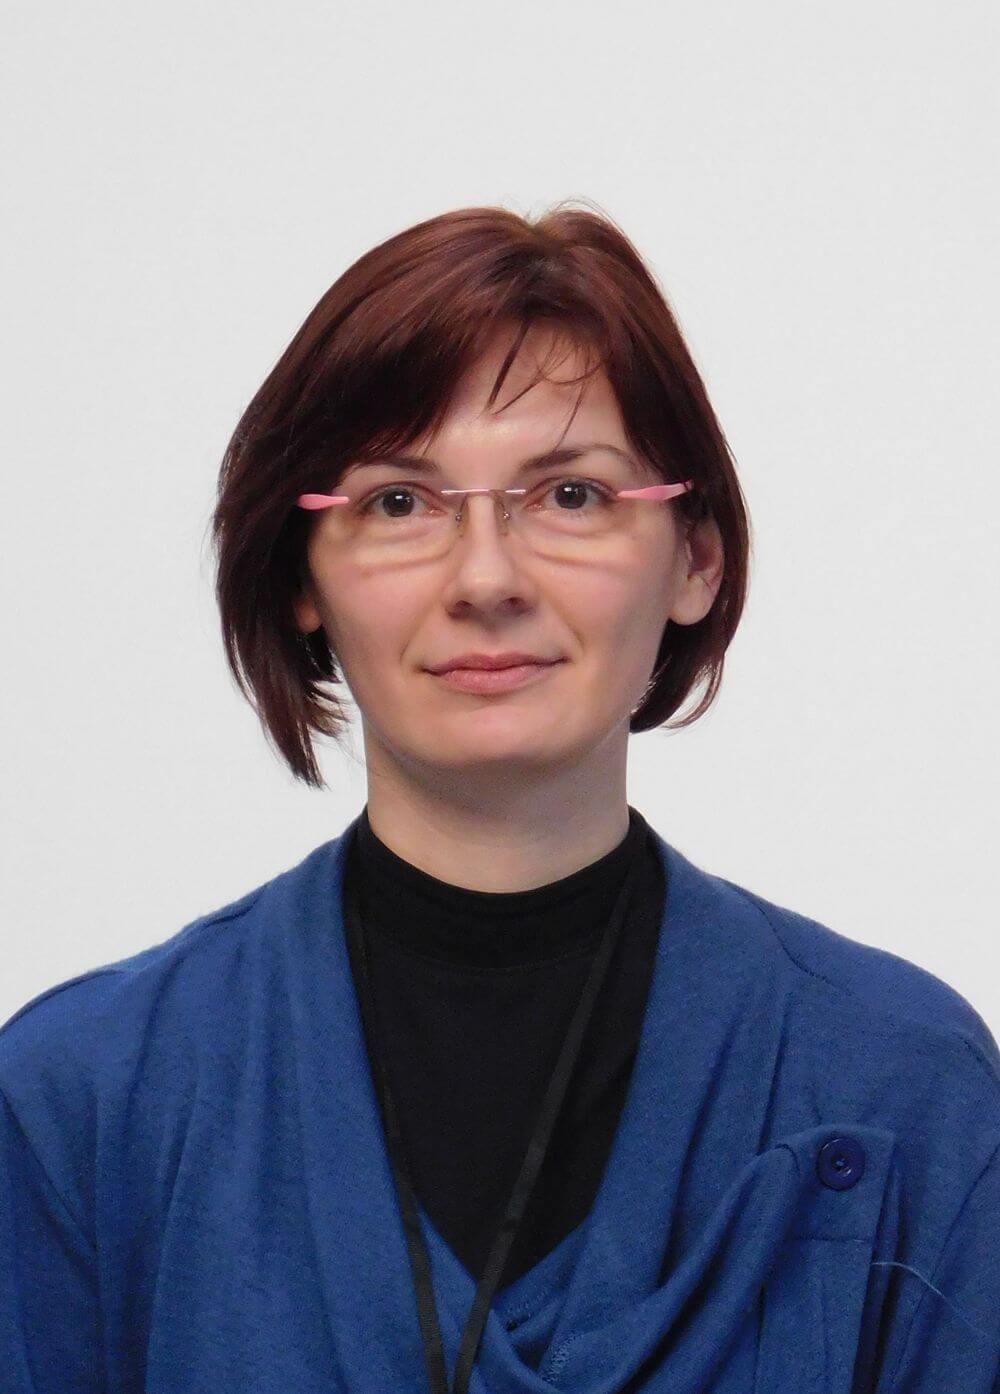 Dorota Figiel